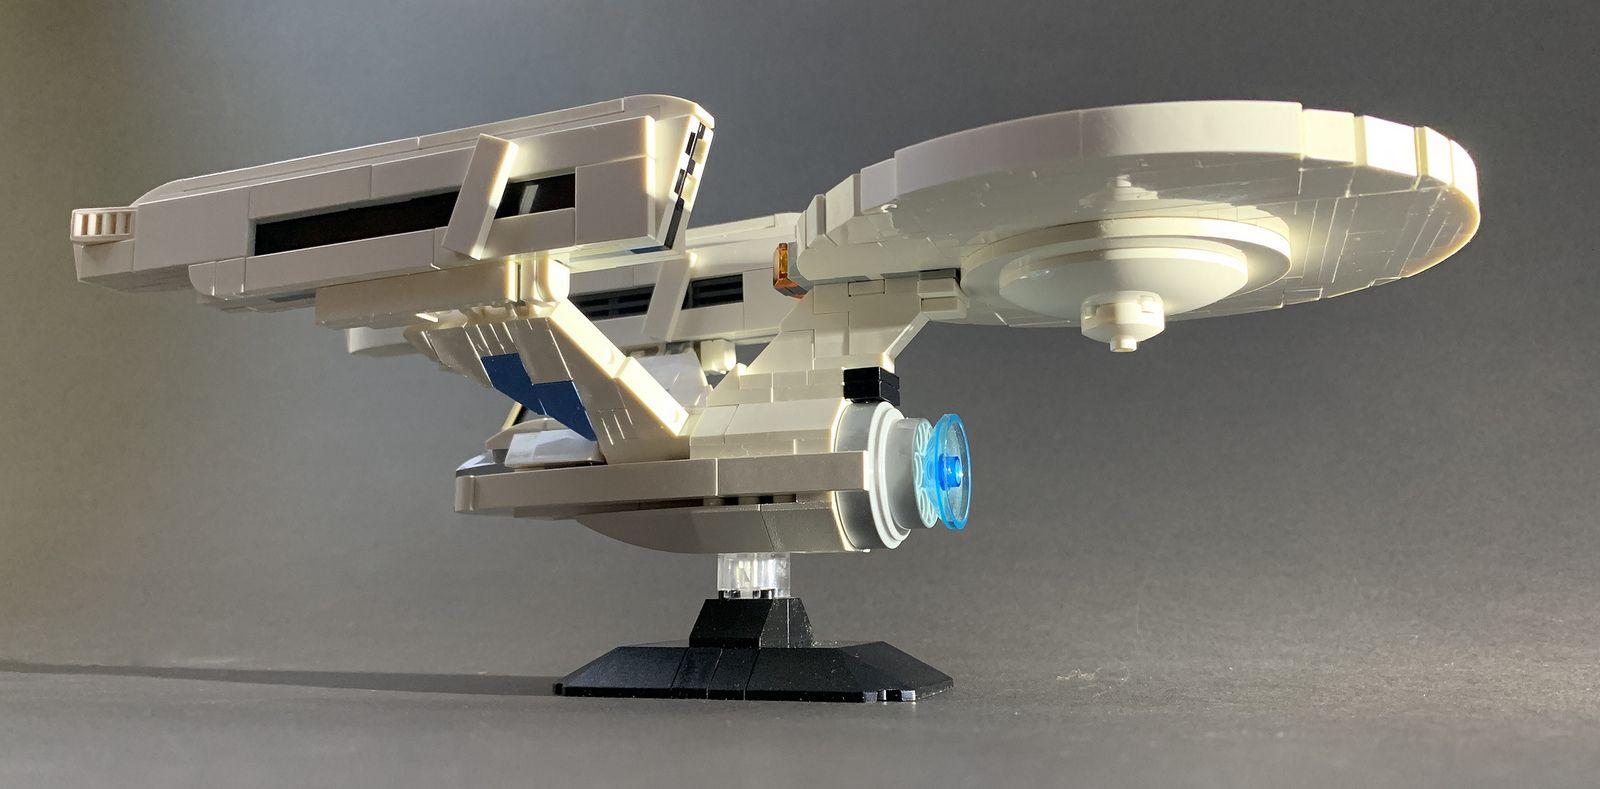 45+ Lego enterprise info